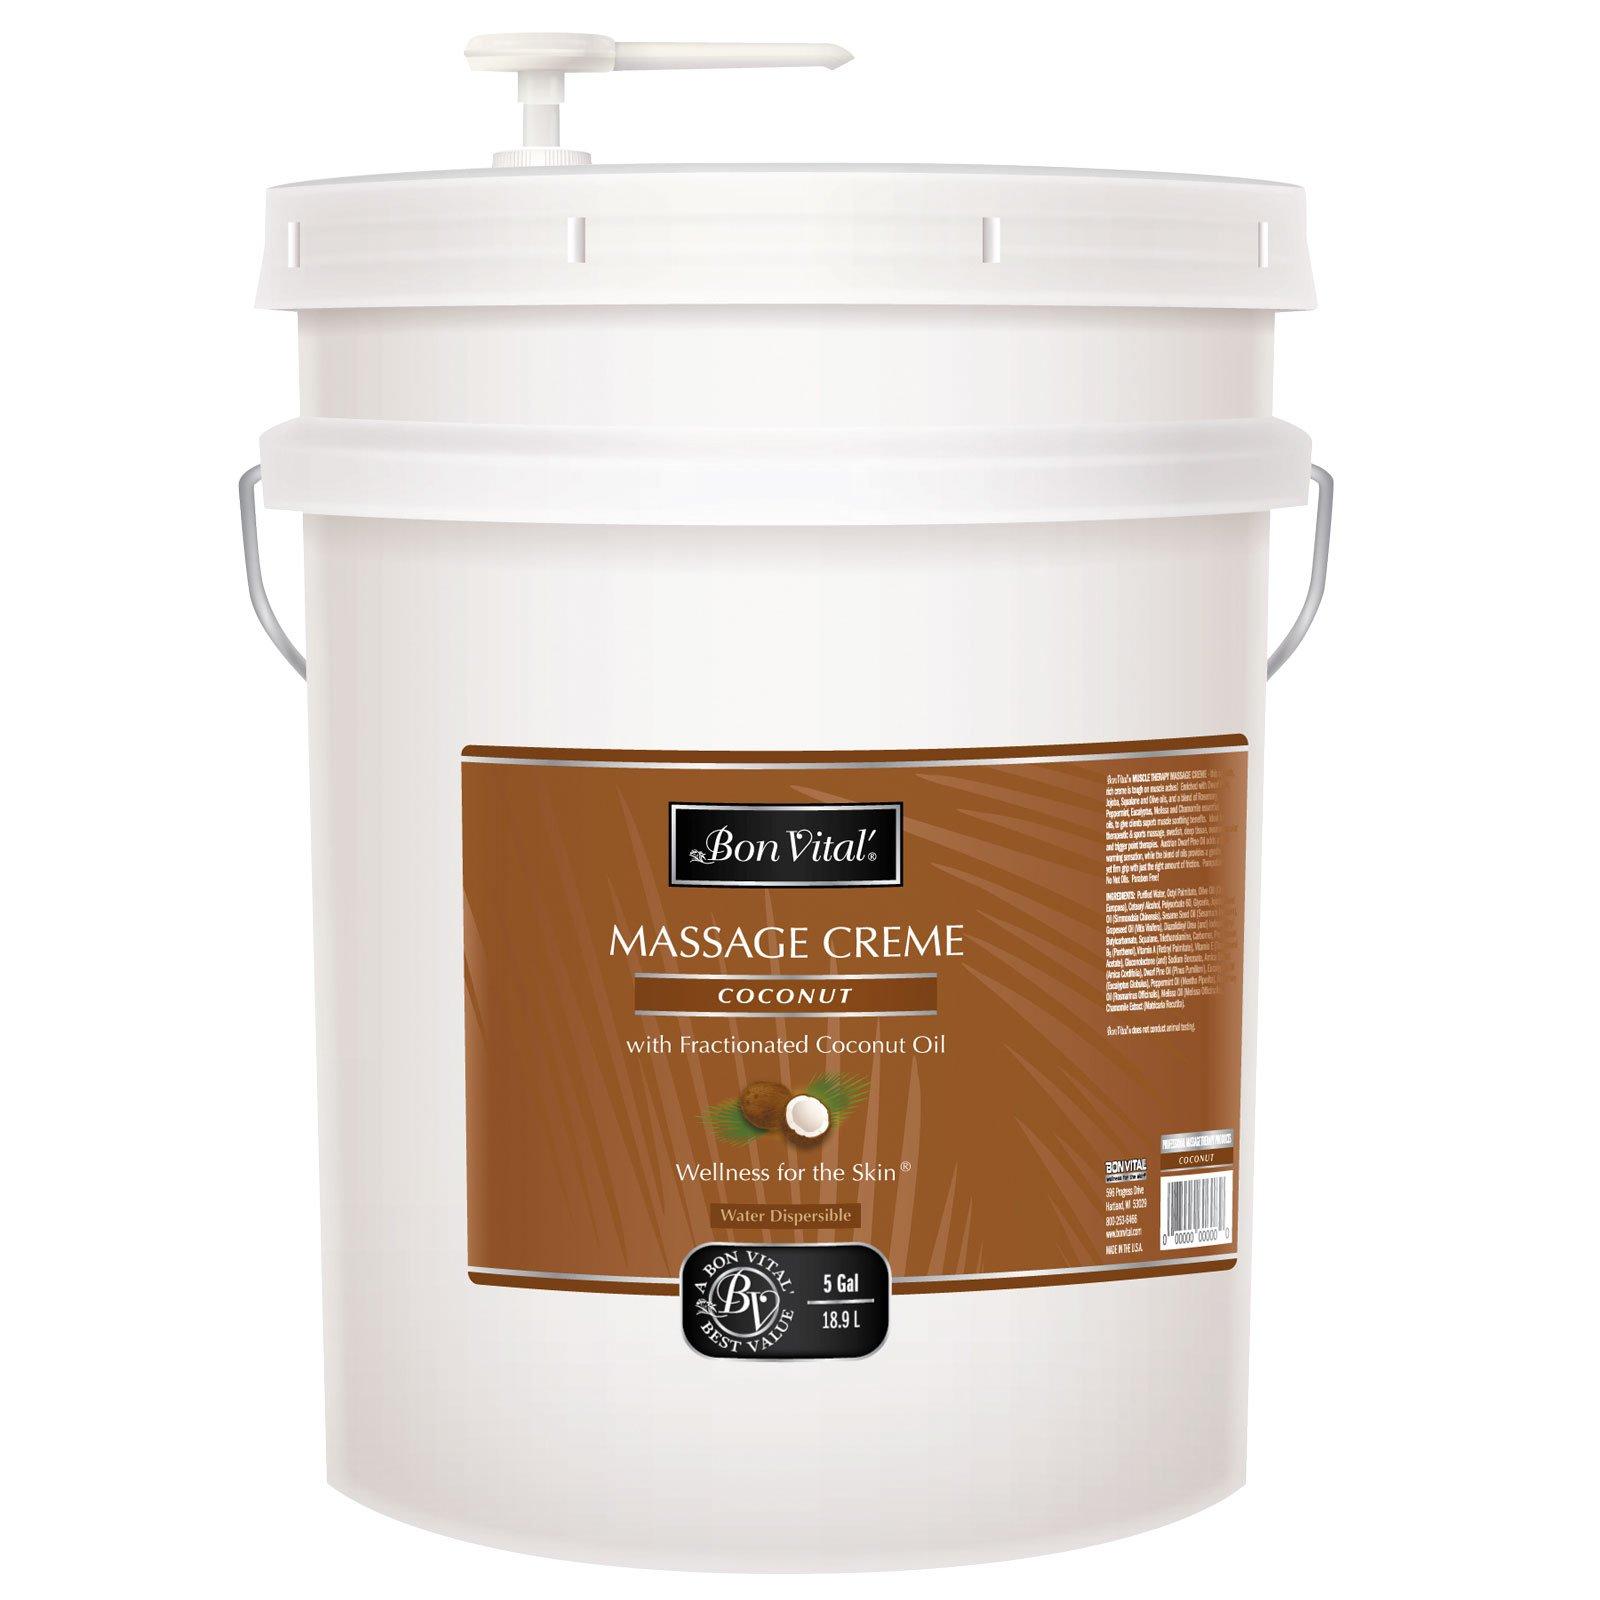 Bon Vital BVCOC5G Coconut Creme, 5 Gallon by Bon Vital